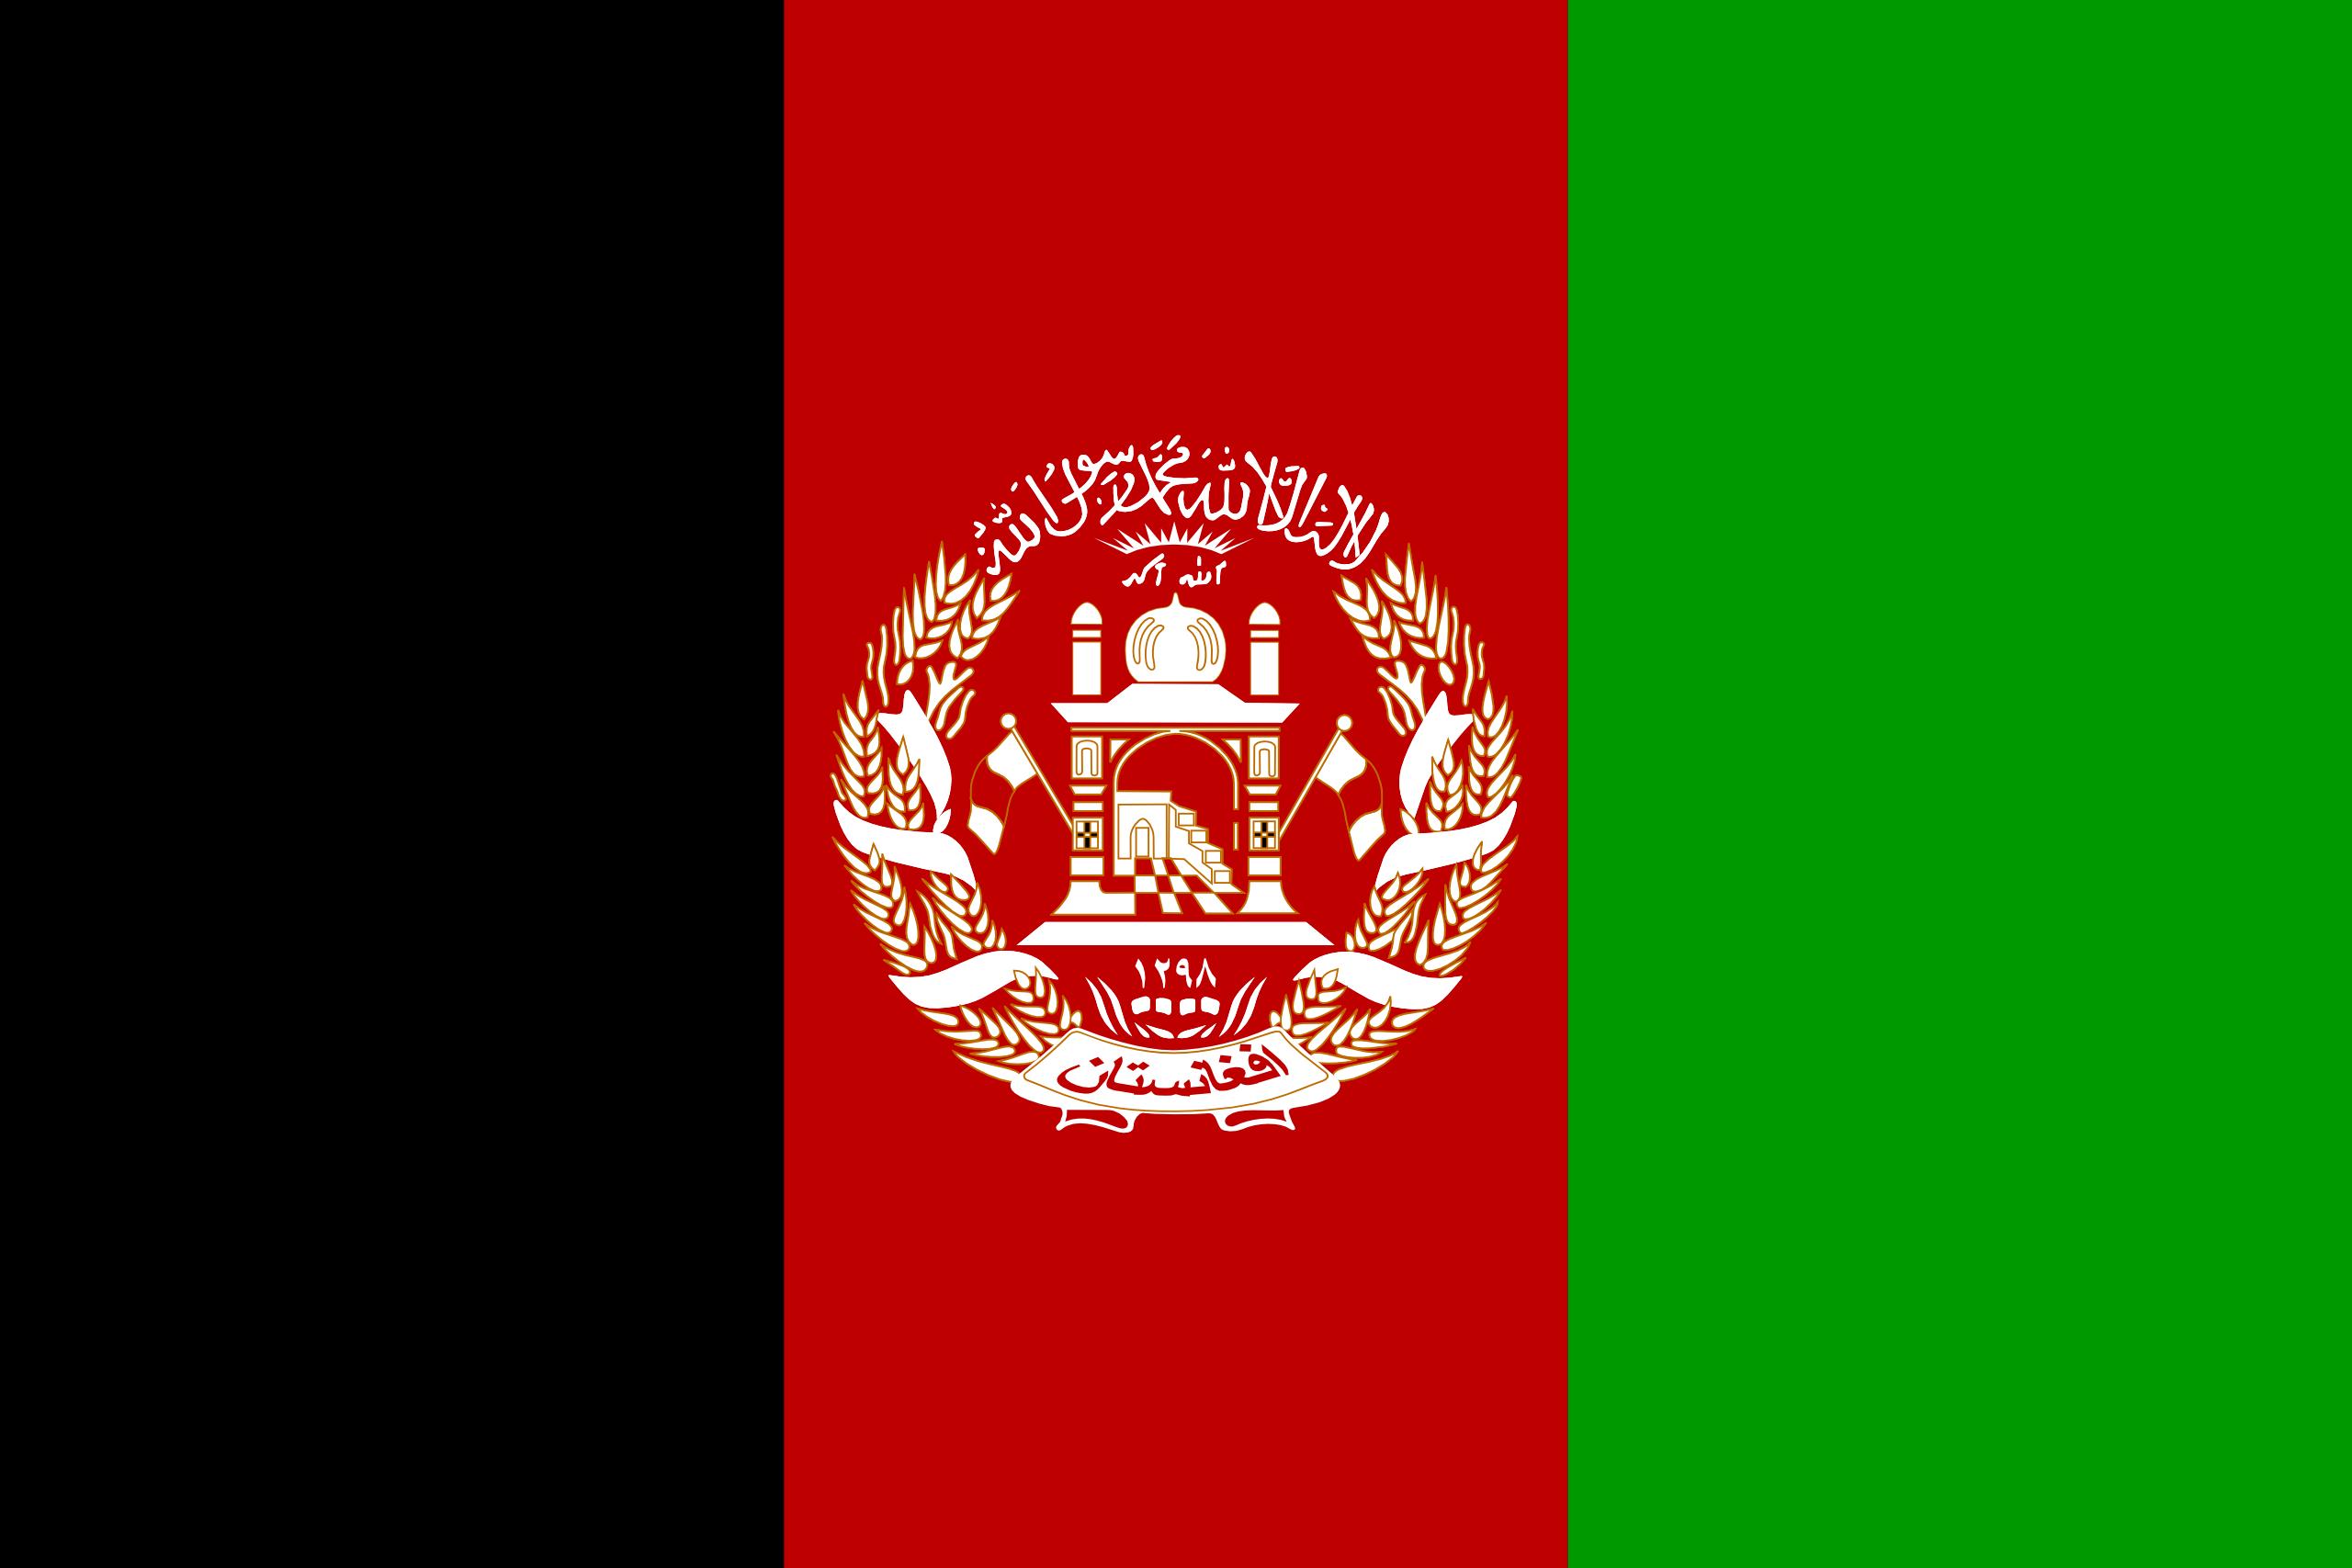 afganistan, país, emblema, insignia, símbolo - Fondos de Pantalla HD - professor-falken.com